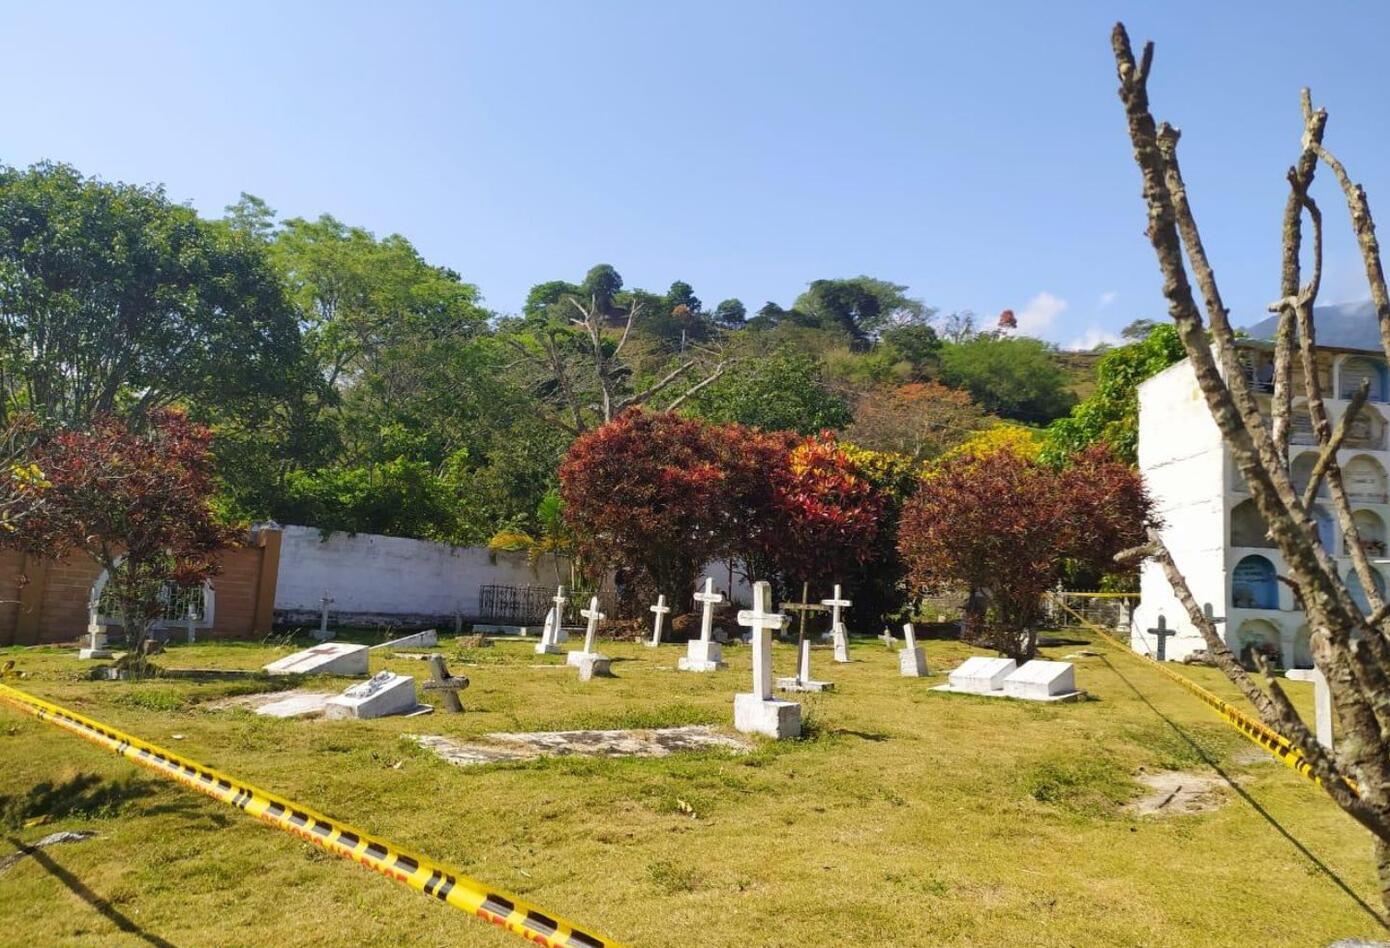 El objetivo de los labriegos es hallar restos óseos, justo en los sectores del camposanto, que fueron demarcados por la Jurisdicción Especial para la Paz (JEP).